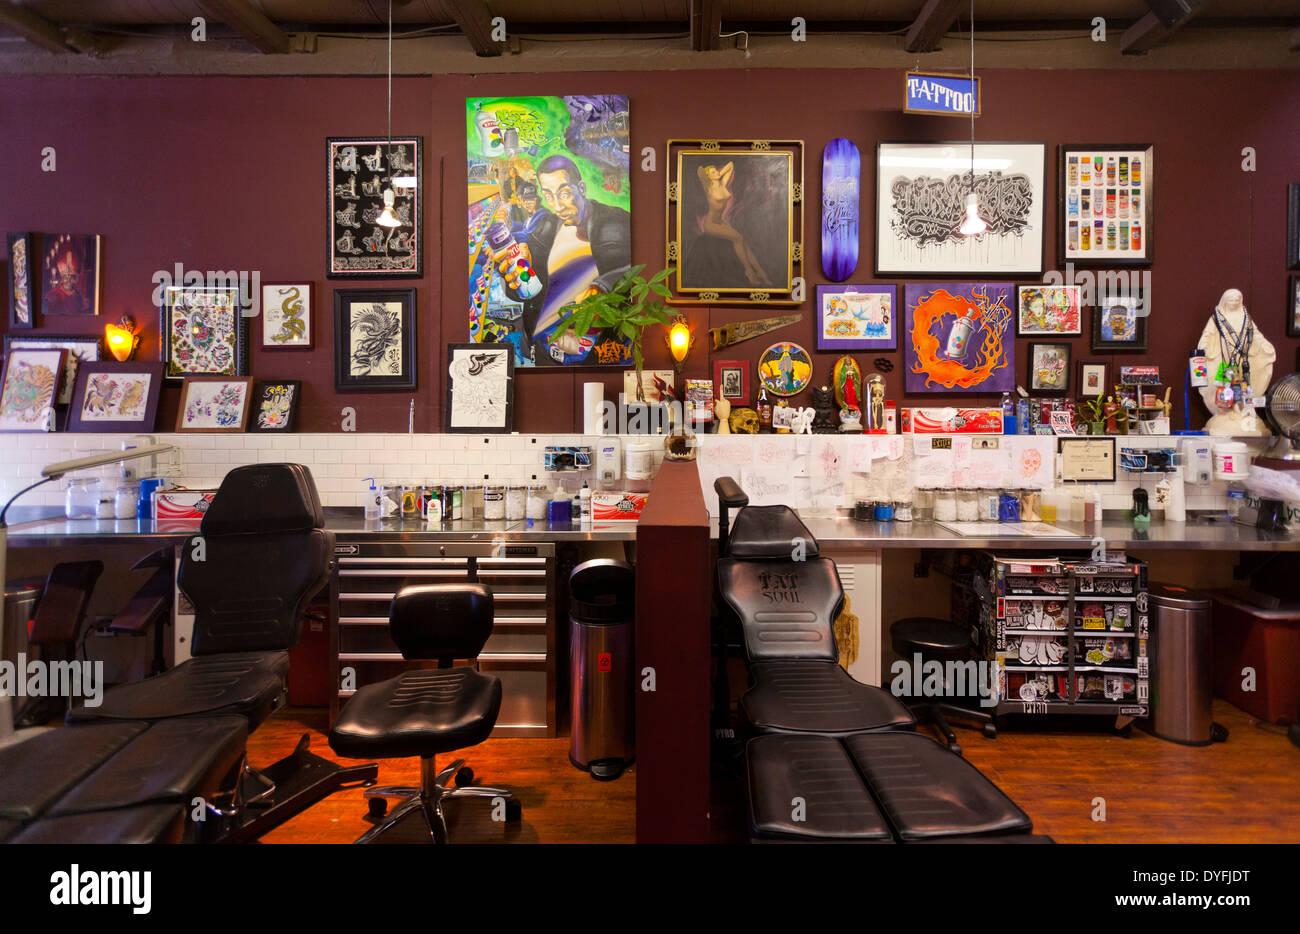 freak chic tattoo shop hollywood blvd hollywood los